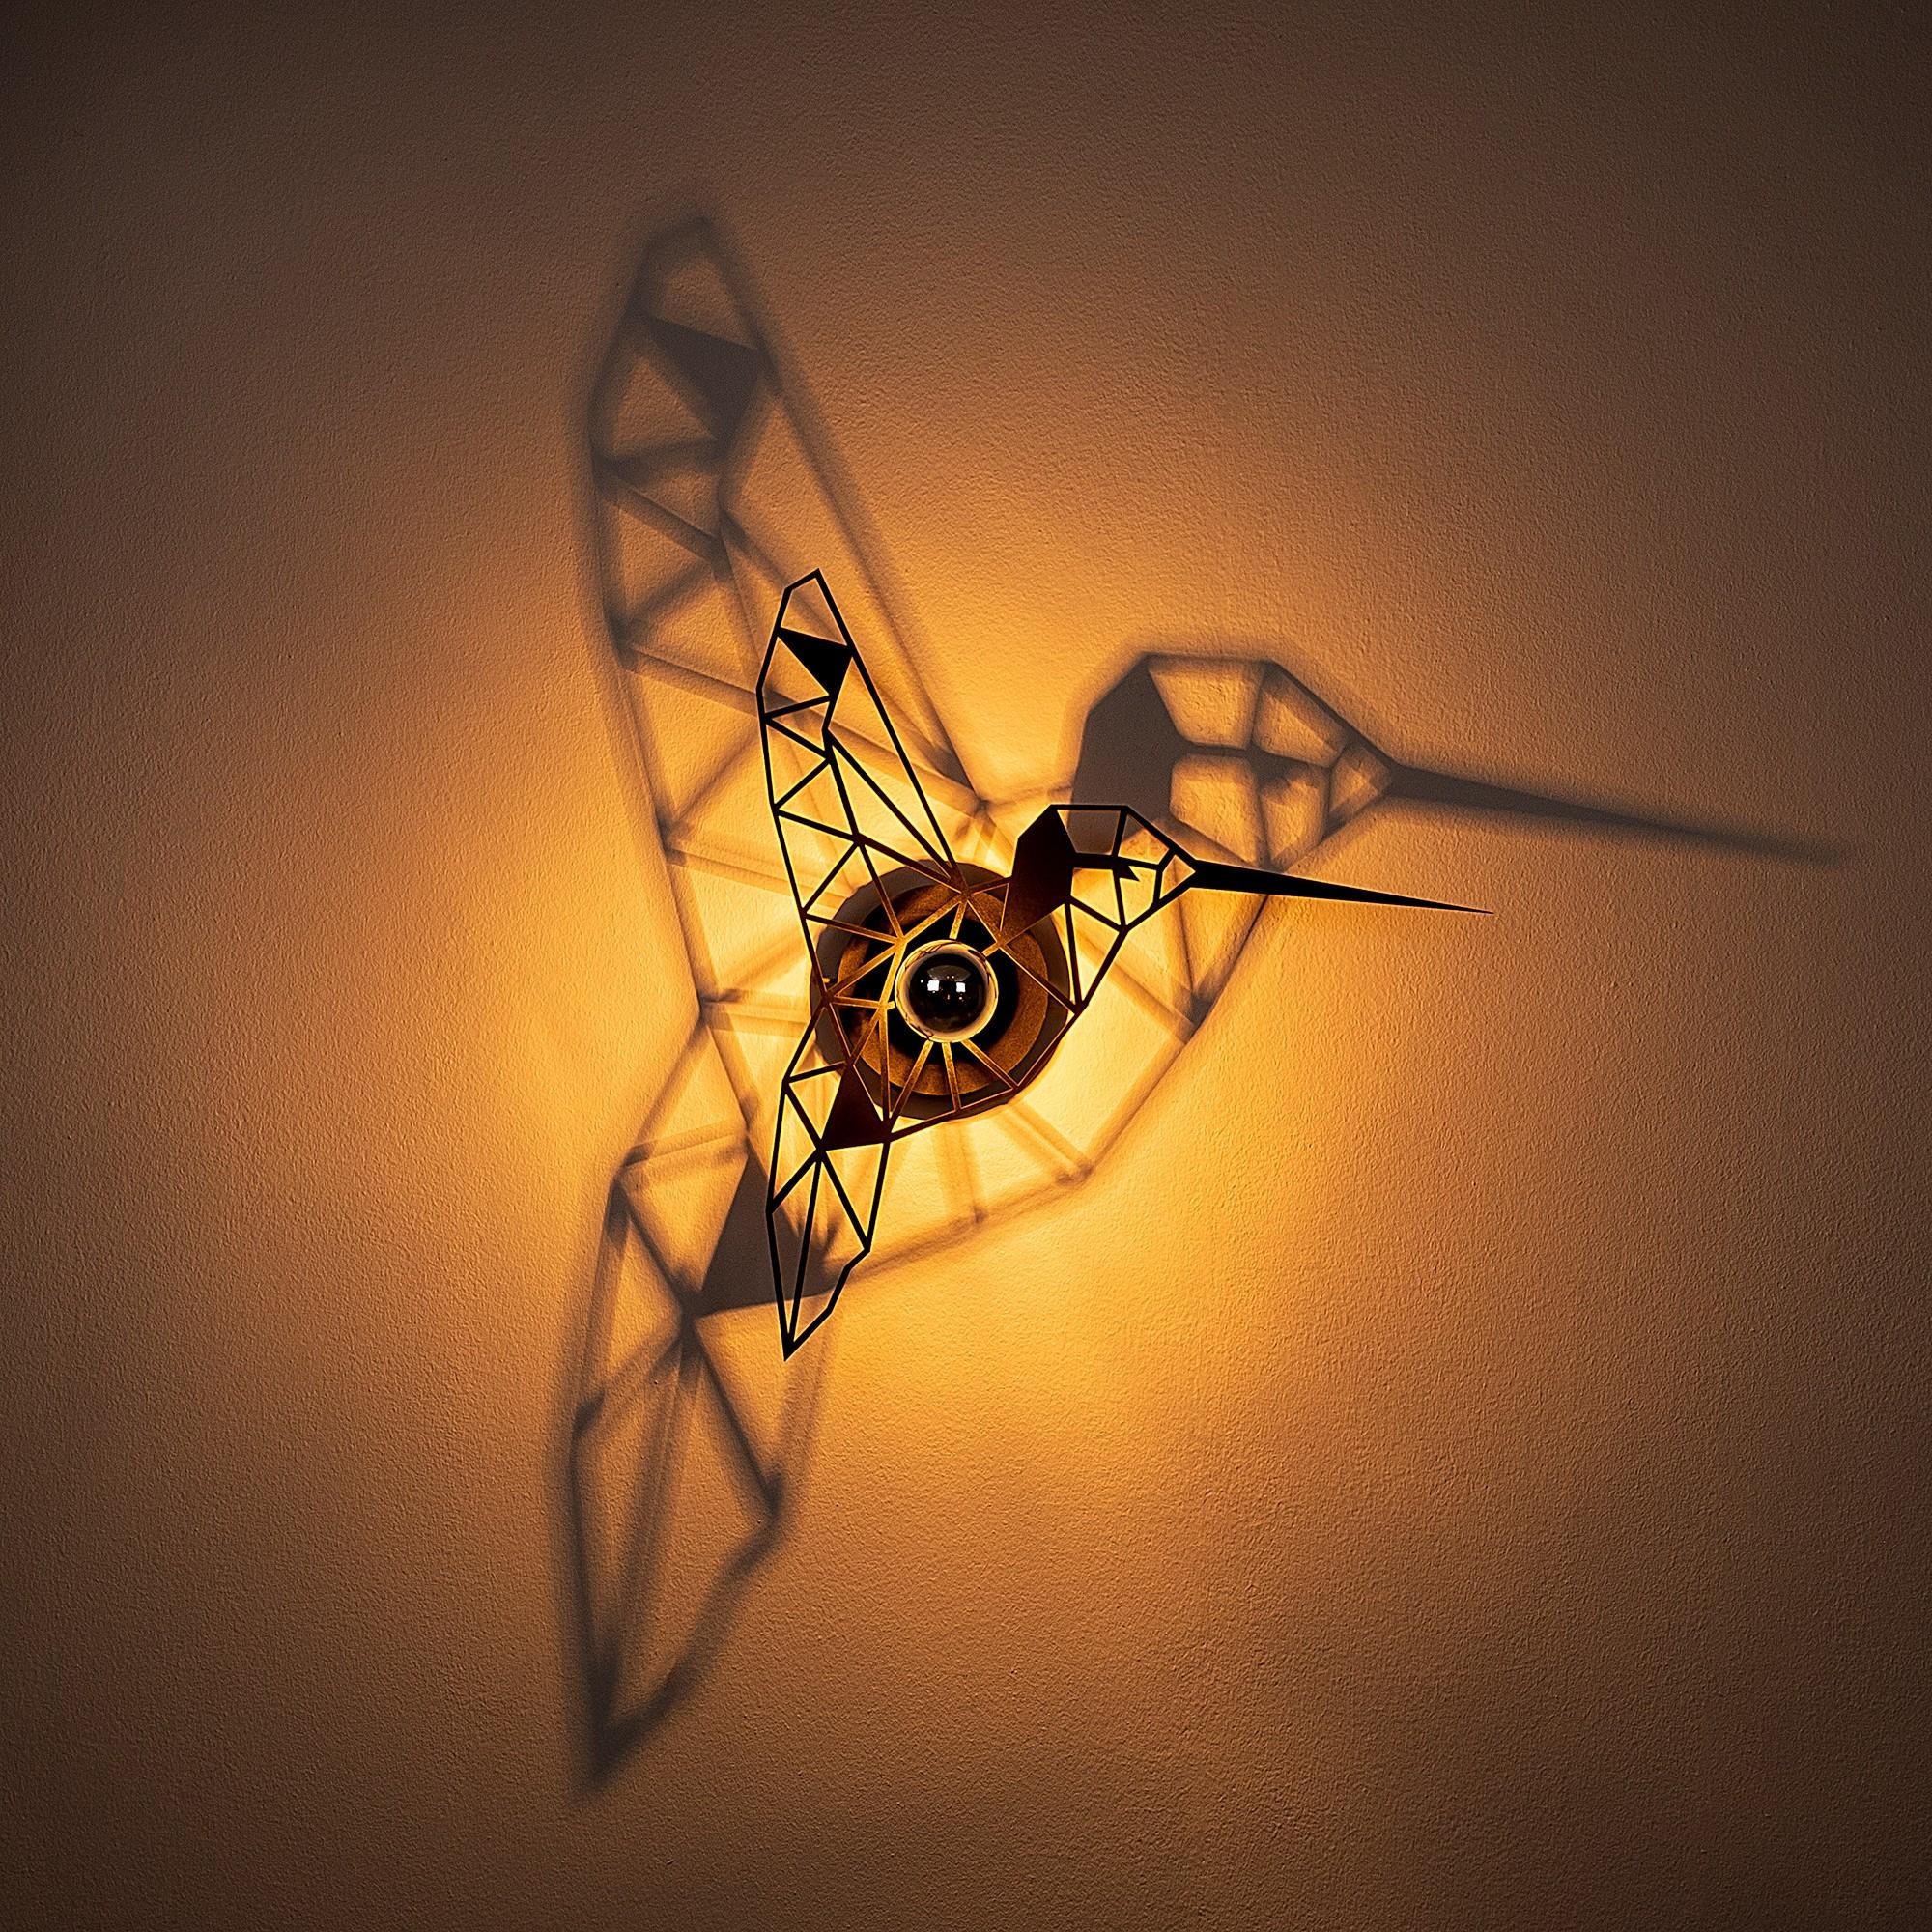 LED industriële wanddeco lamp dieren - Kolibrie - vogel - dimbaar - E27 fitting - sfeerfoto lamp aan